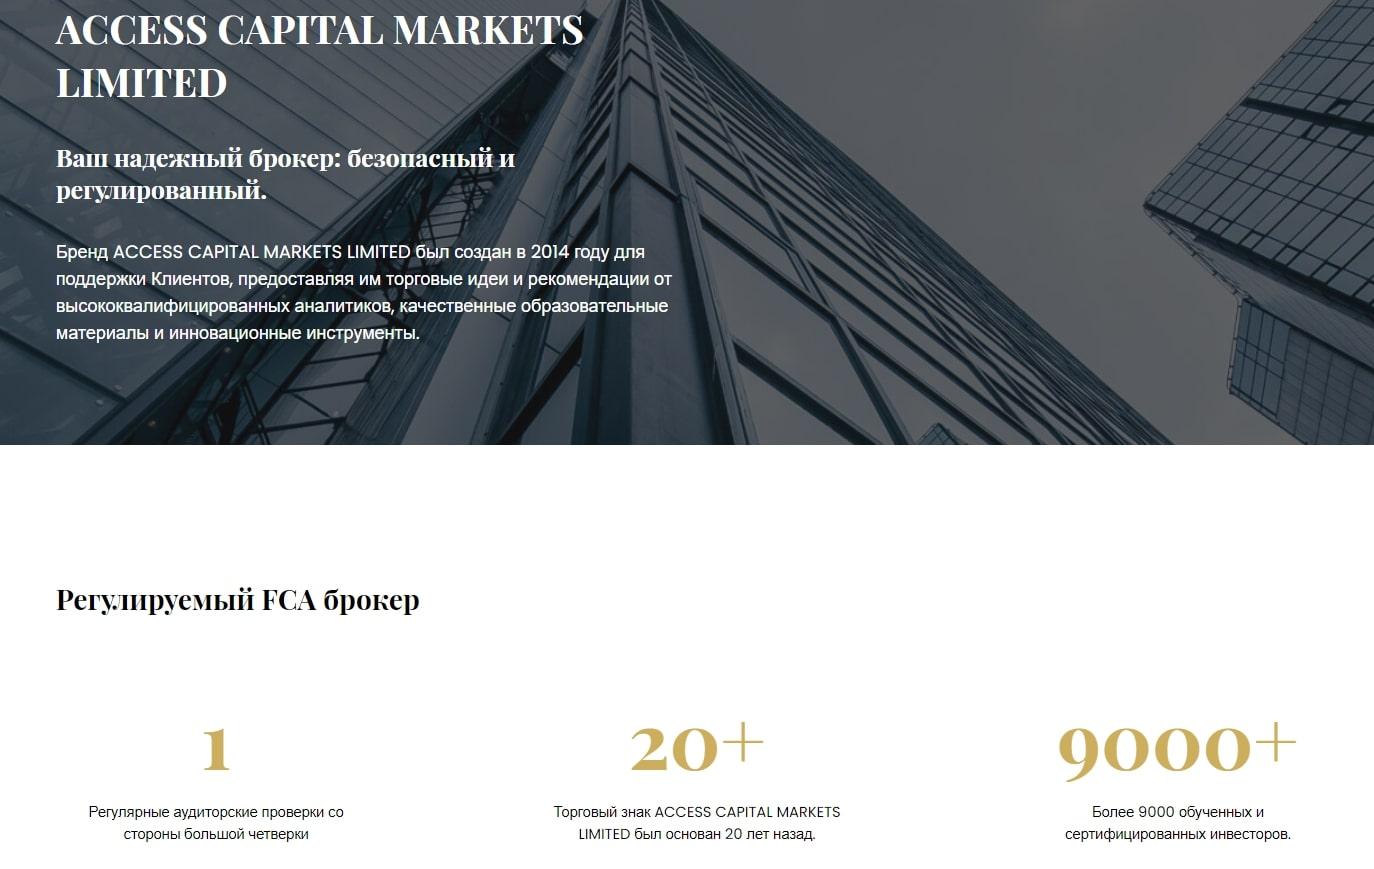 """Надежный брокер или очередная """"кухня"""": обзор Capital Access Group и реальные отзывы реальные отзывы"""